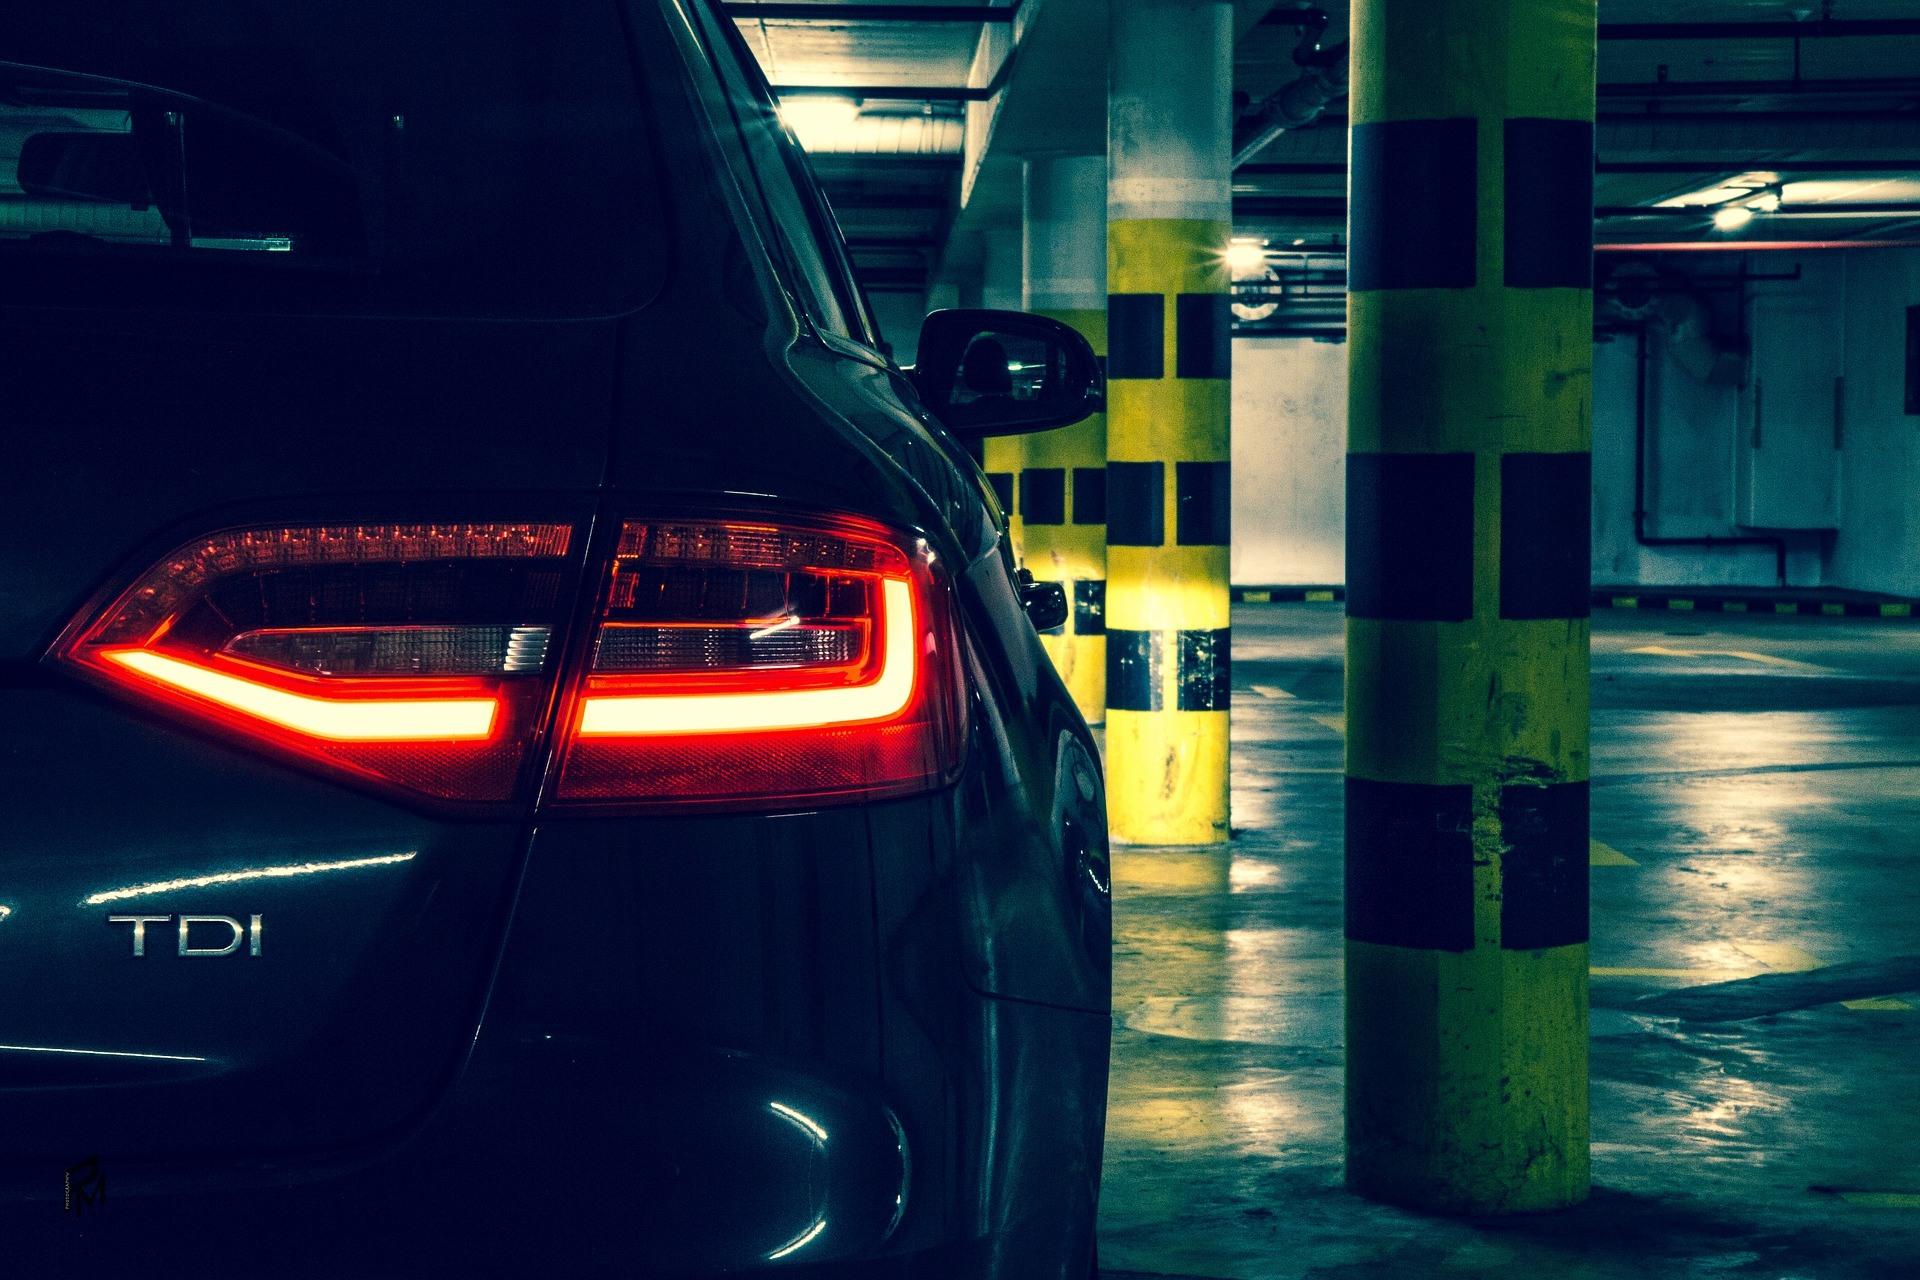 Parking nocą, kupowanie auta po zmierzchu